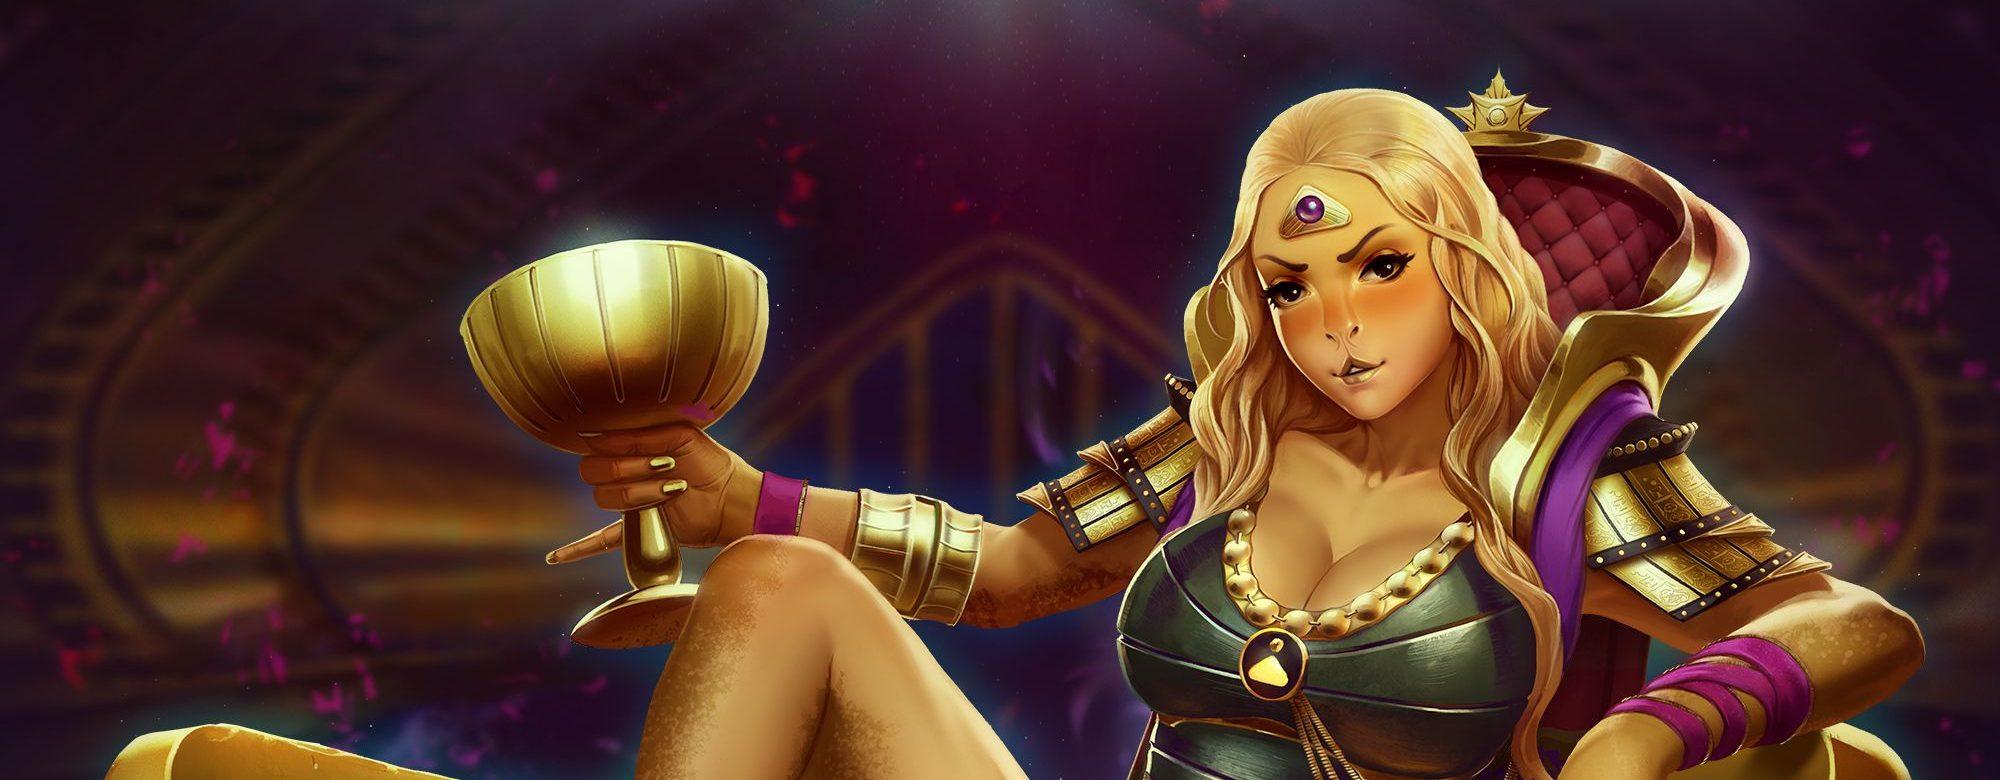 Destiny 2 steckt viel Arbeit in eine Prinzessin, die noch keiner gesehen hat